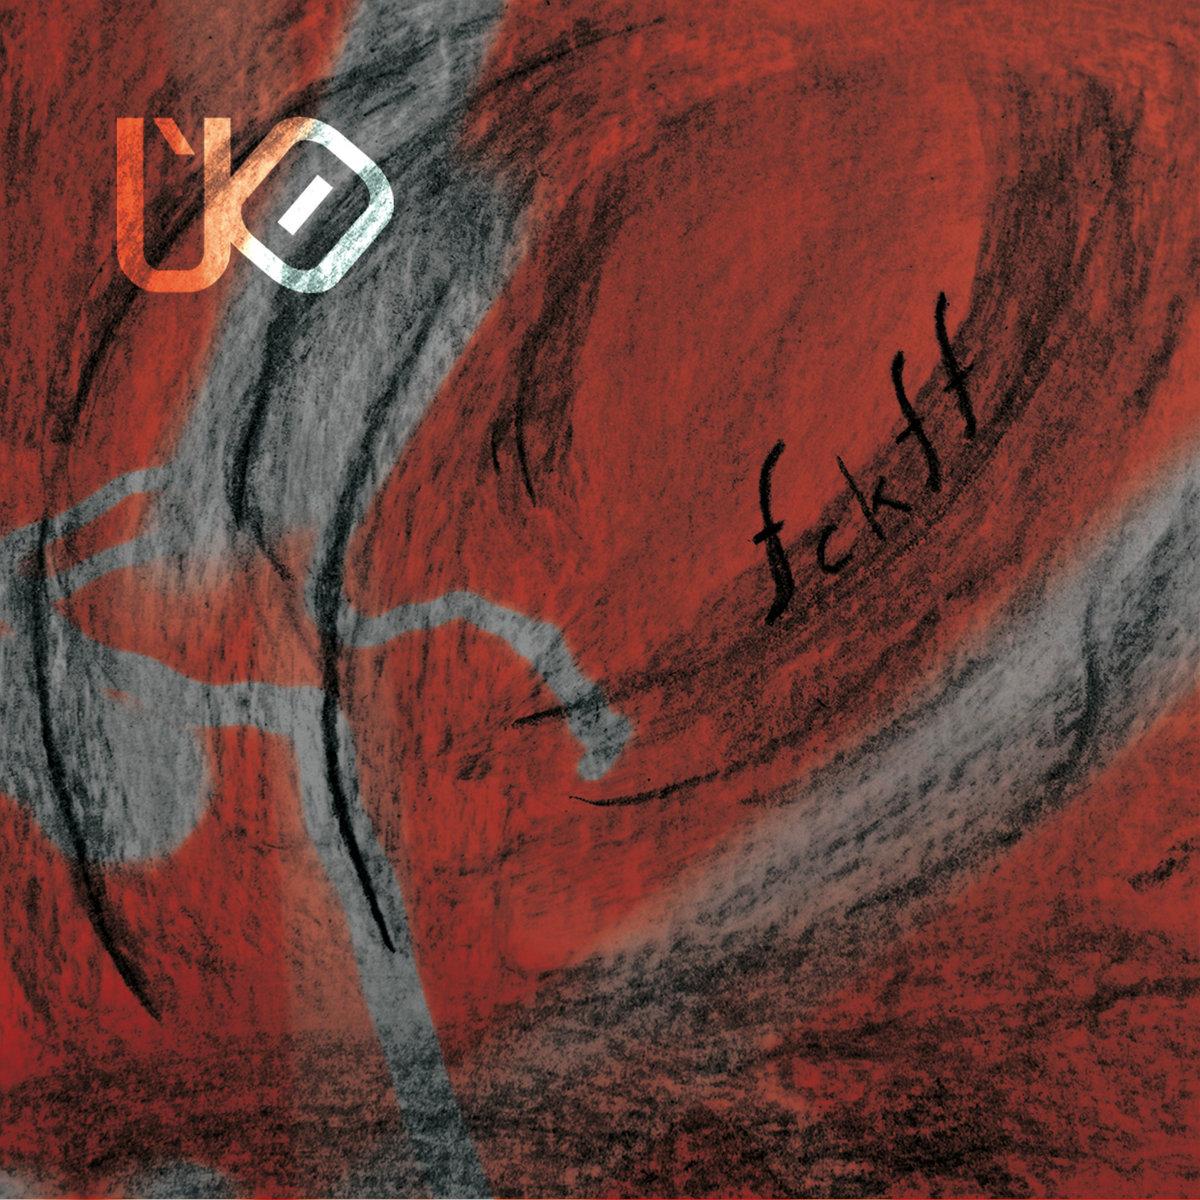 UO – FCKFF